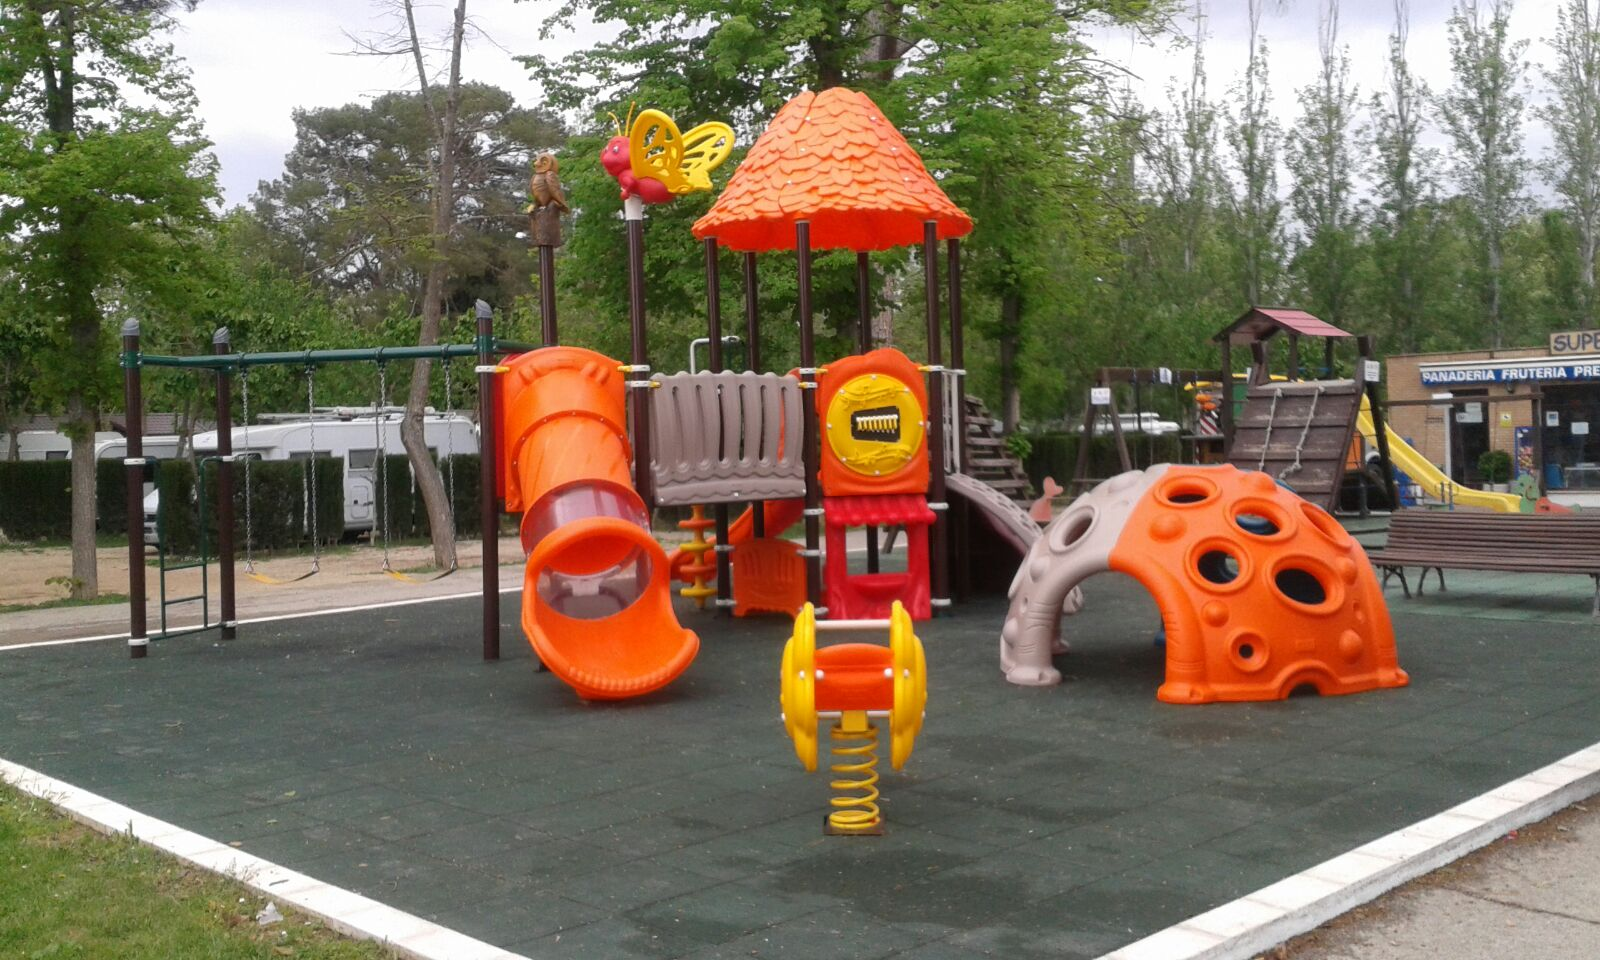 Diseño y arquitectura de parques temáticos